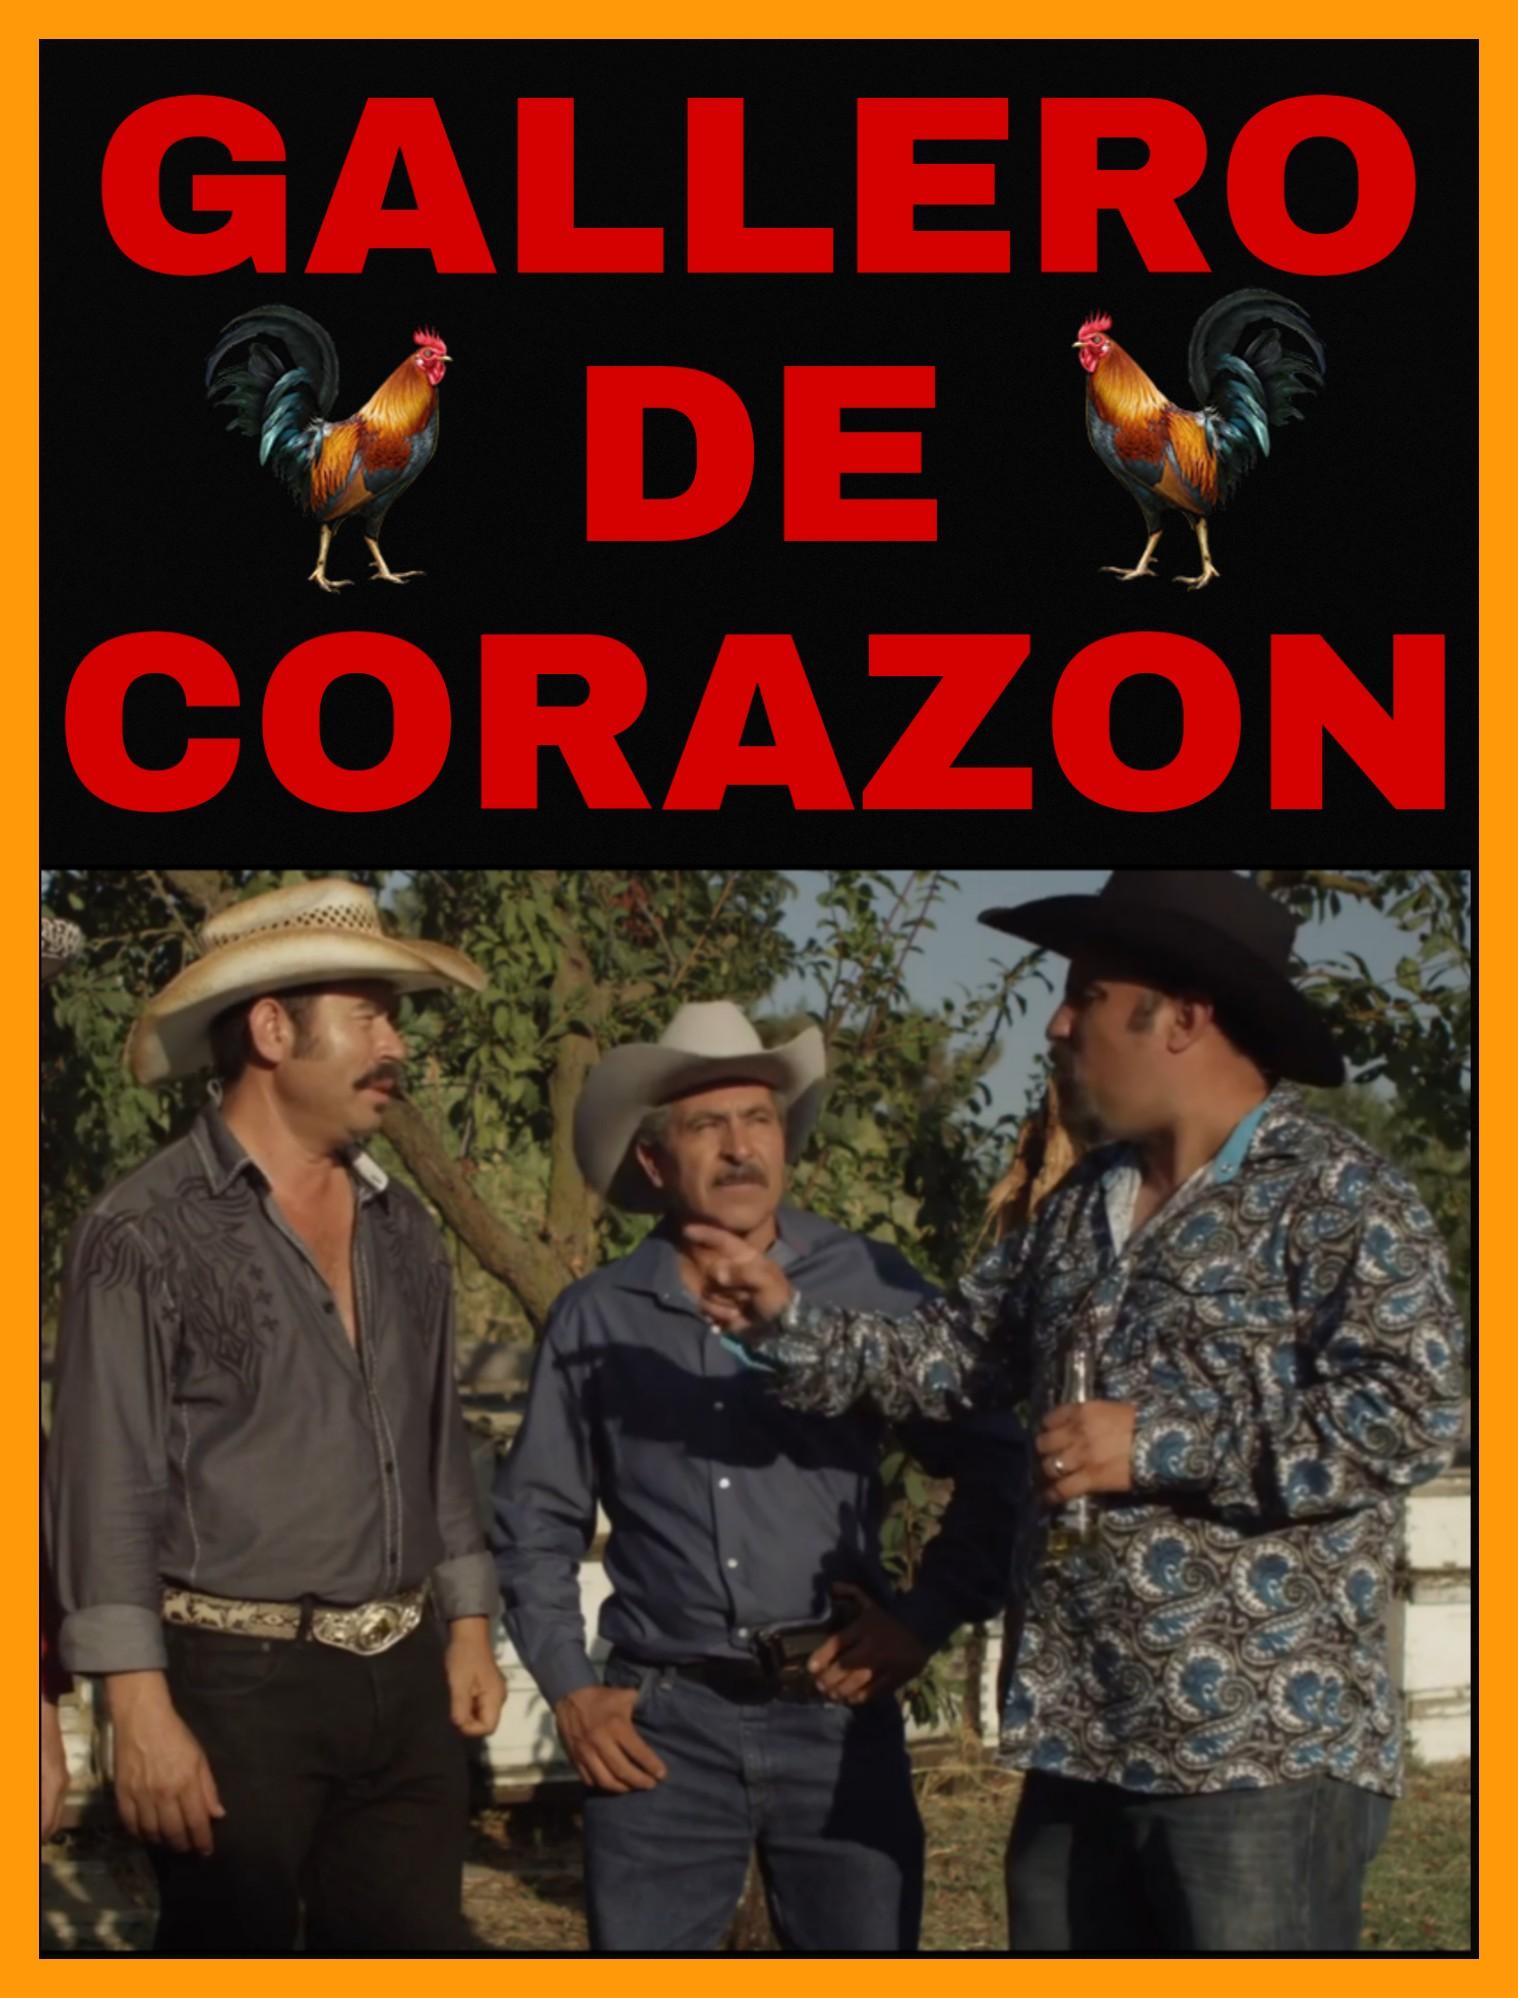 Luis Huizar, Chuy Valencia El Cotija, and Jose Ramirez Raya in Gallero De Corazon (2018)